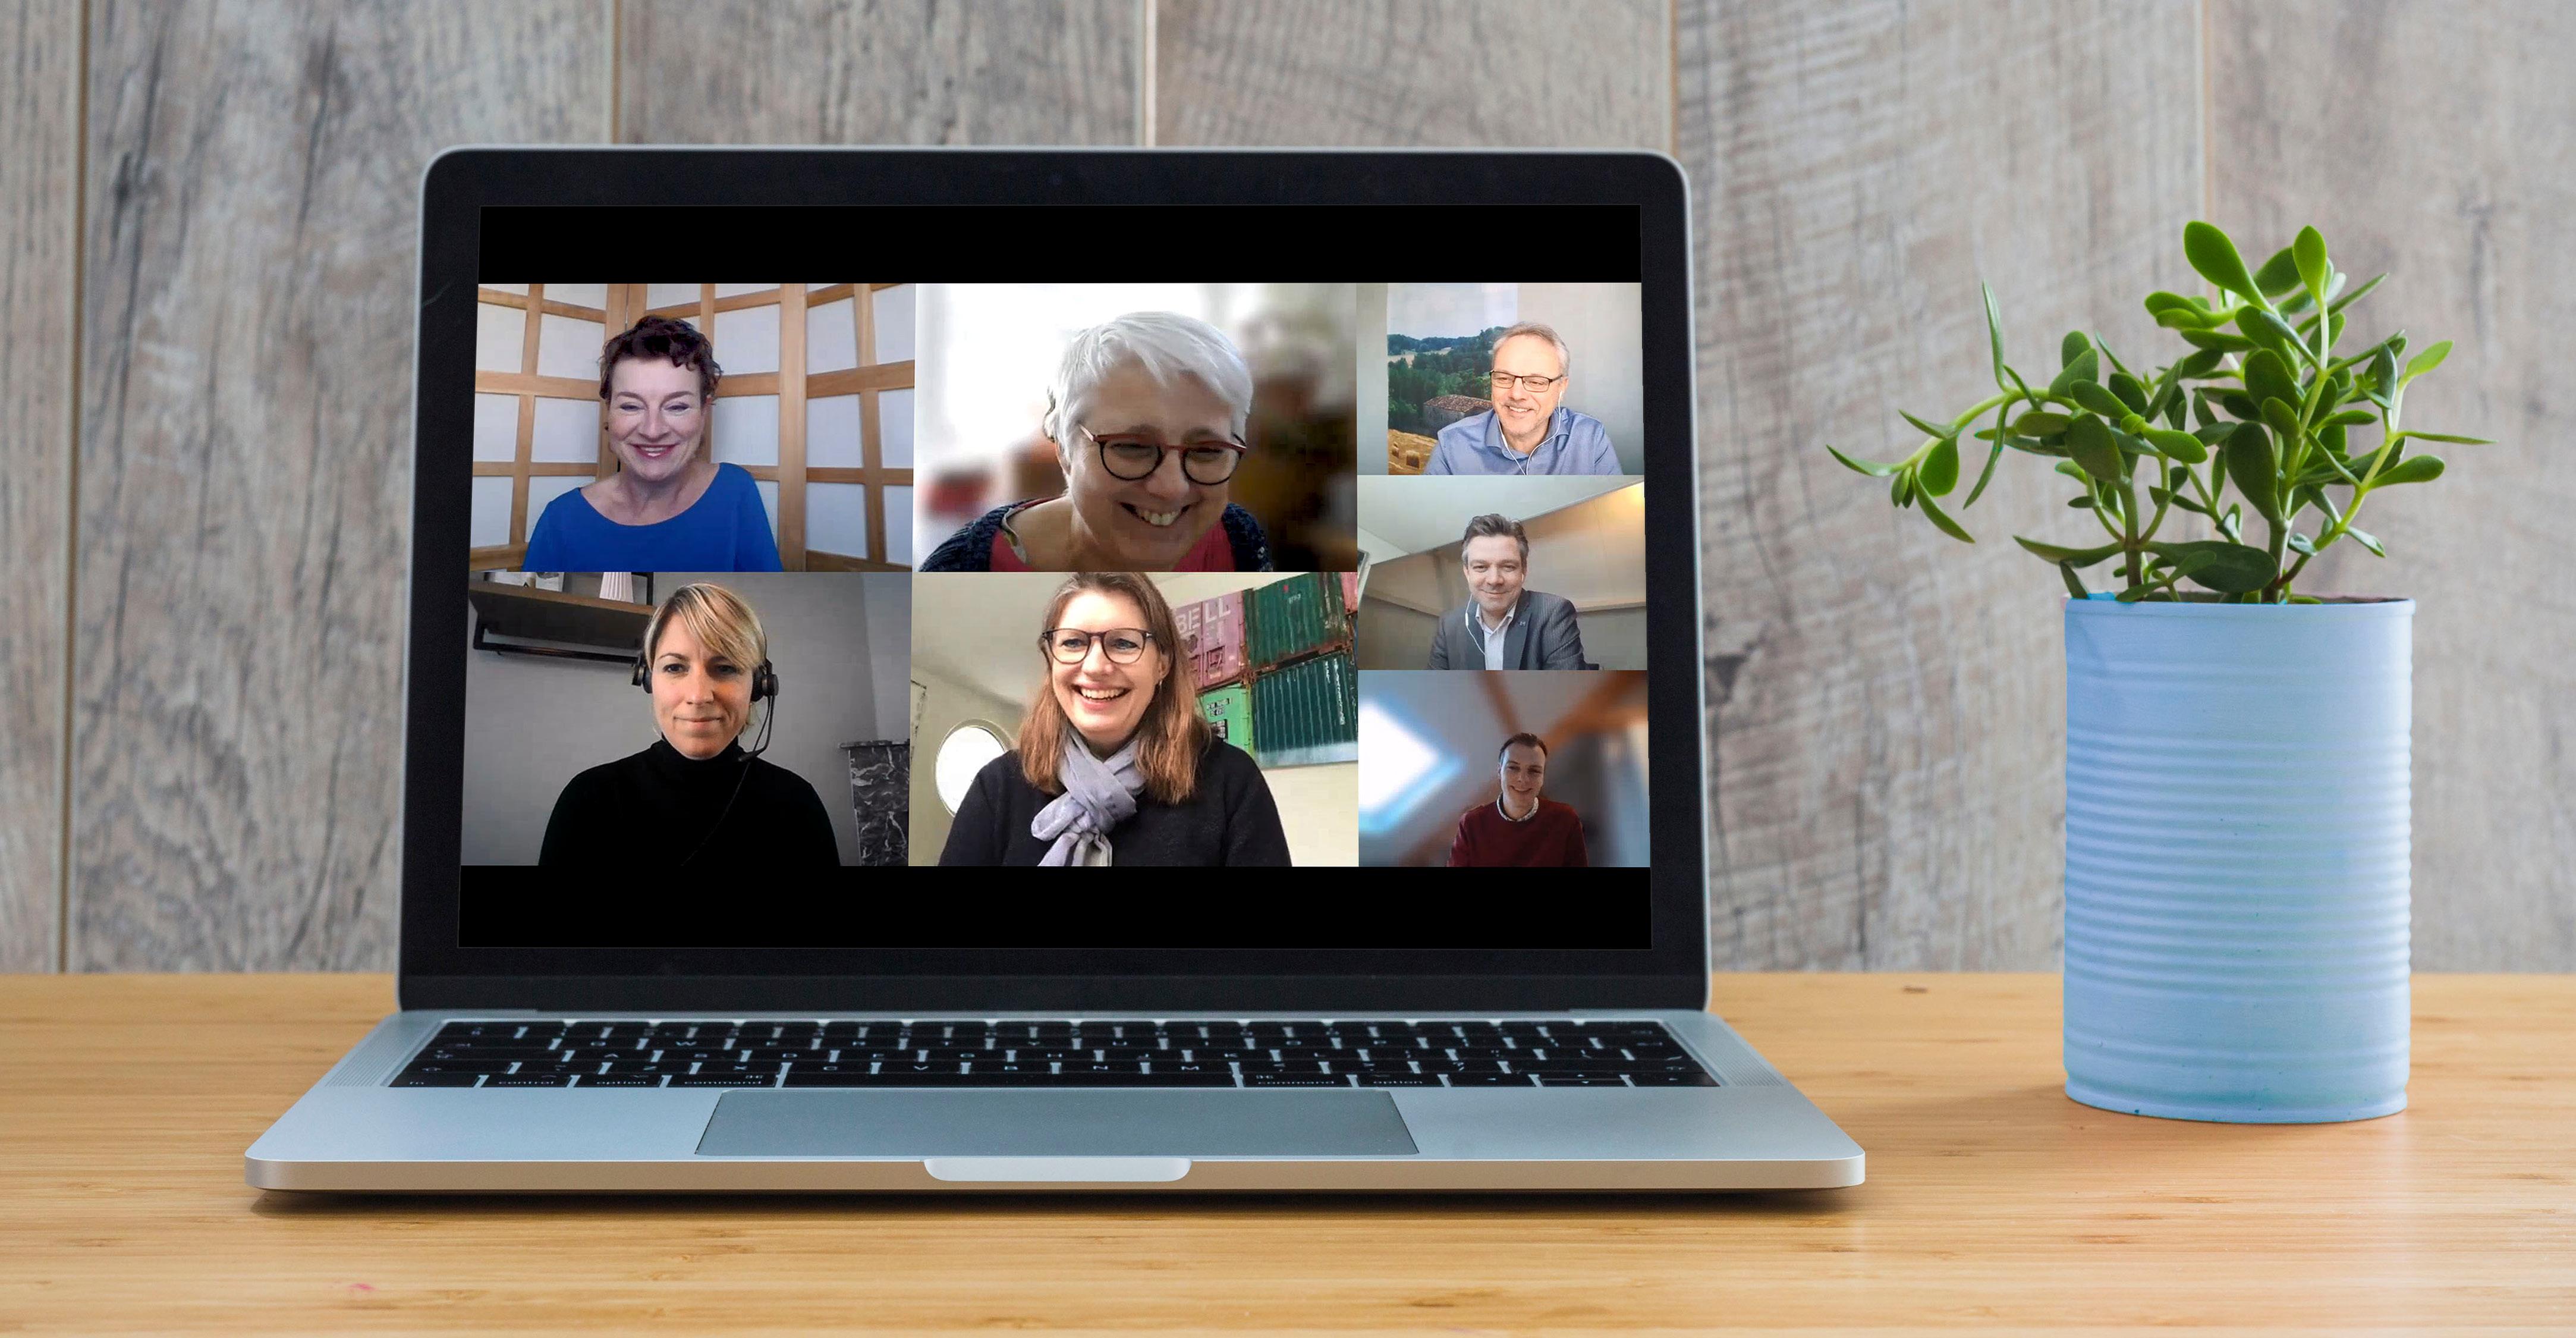 In gesprek met vakgenoten: vervolg digitaal debat 'The Future Workspace' van HEYDAY